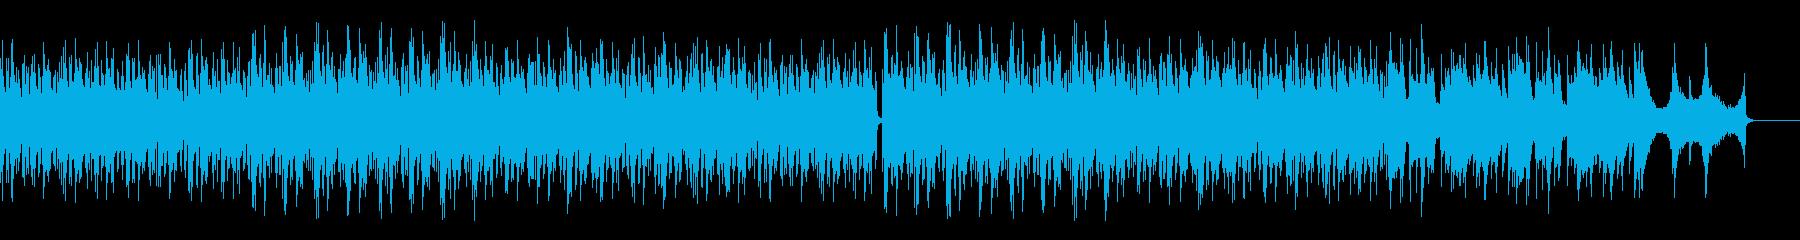 推理サスペンス、ジャズD シンプルの再生済みの波形